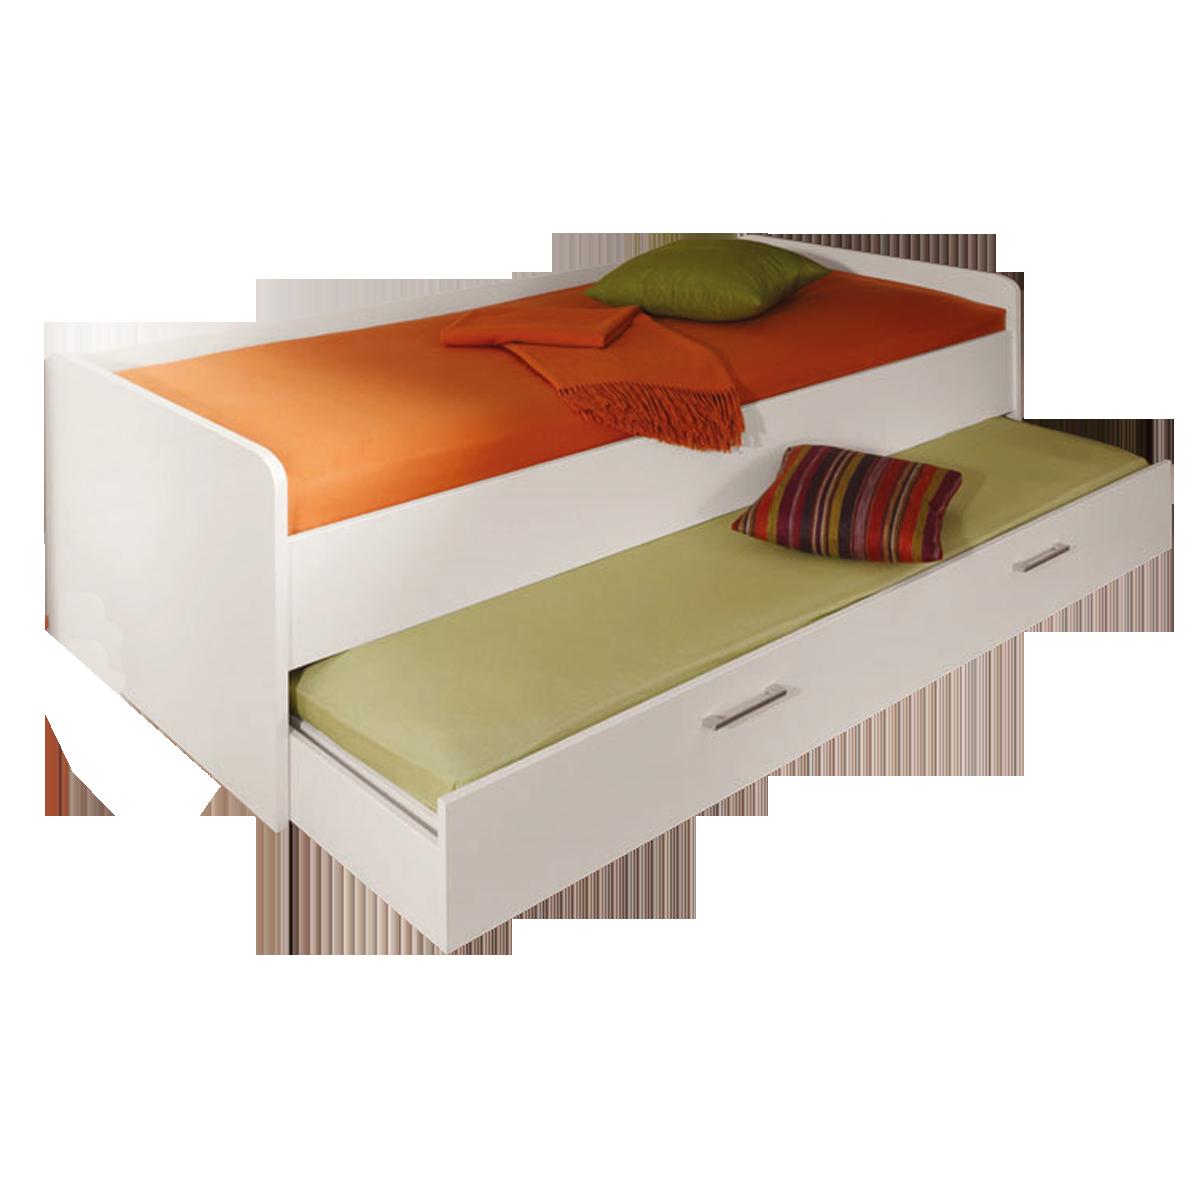 Full Size of Ausziehbarer Esstisch Weiß Ausziehbar Bett Ausziehbares Rund 160 Runder Sofa Glas Massiv Eiche Esstische Massivholz Wohnzimmer Jugendbett Ausziehbar